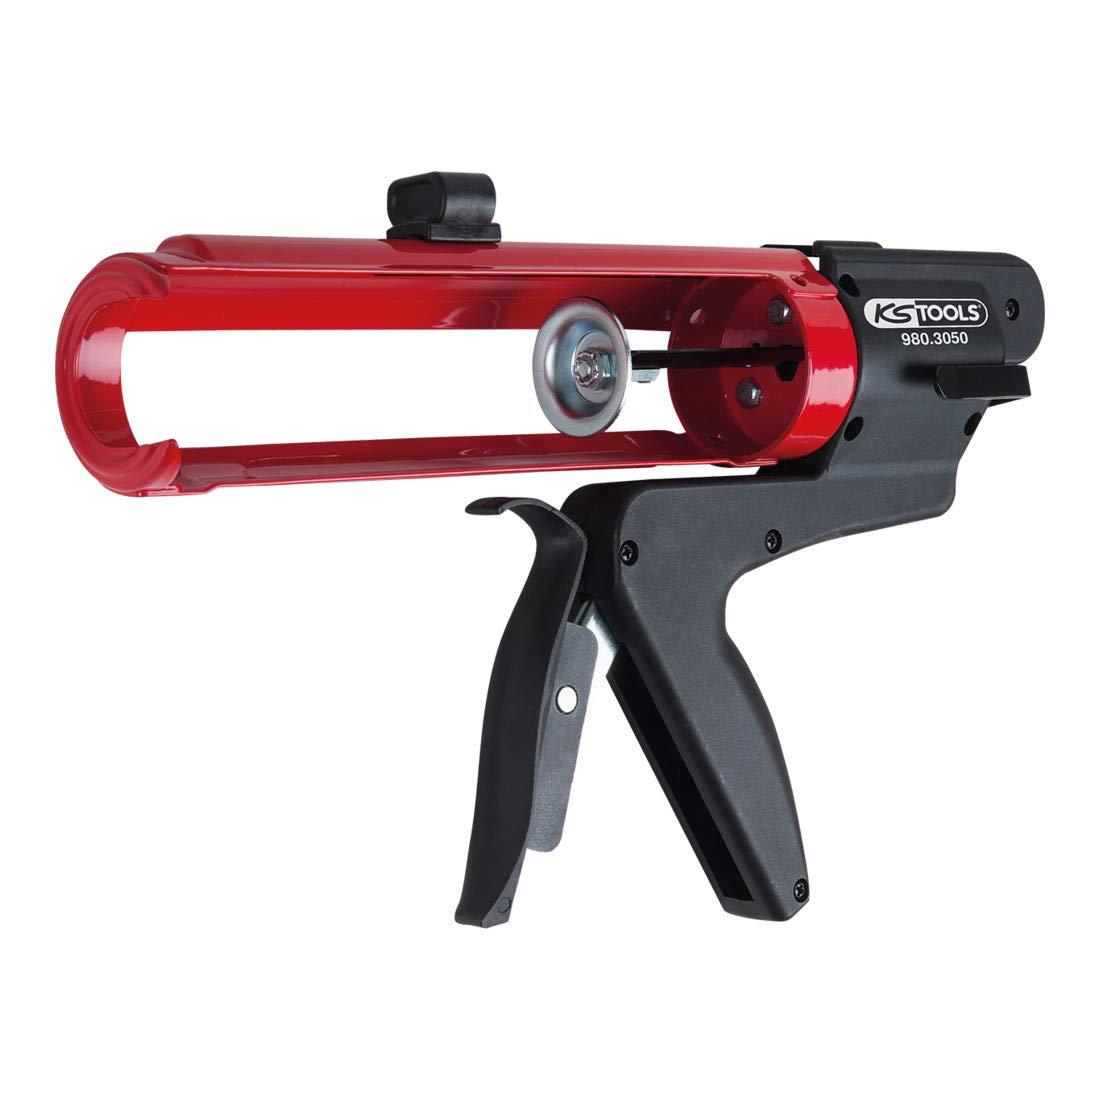 KS TOOLS 980.3050 Pistolet /à cartouche sans tige de pouss/ée 310 ml